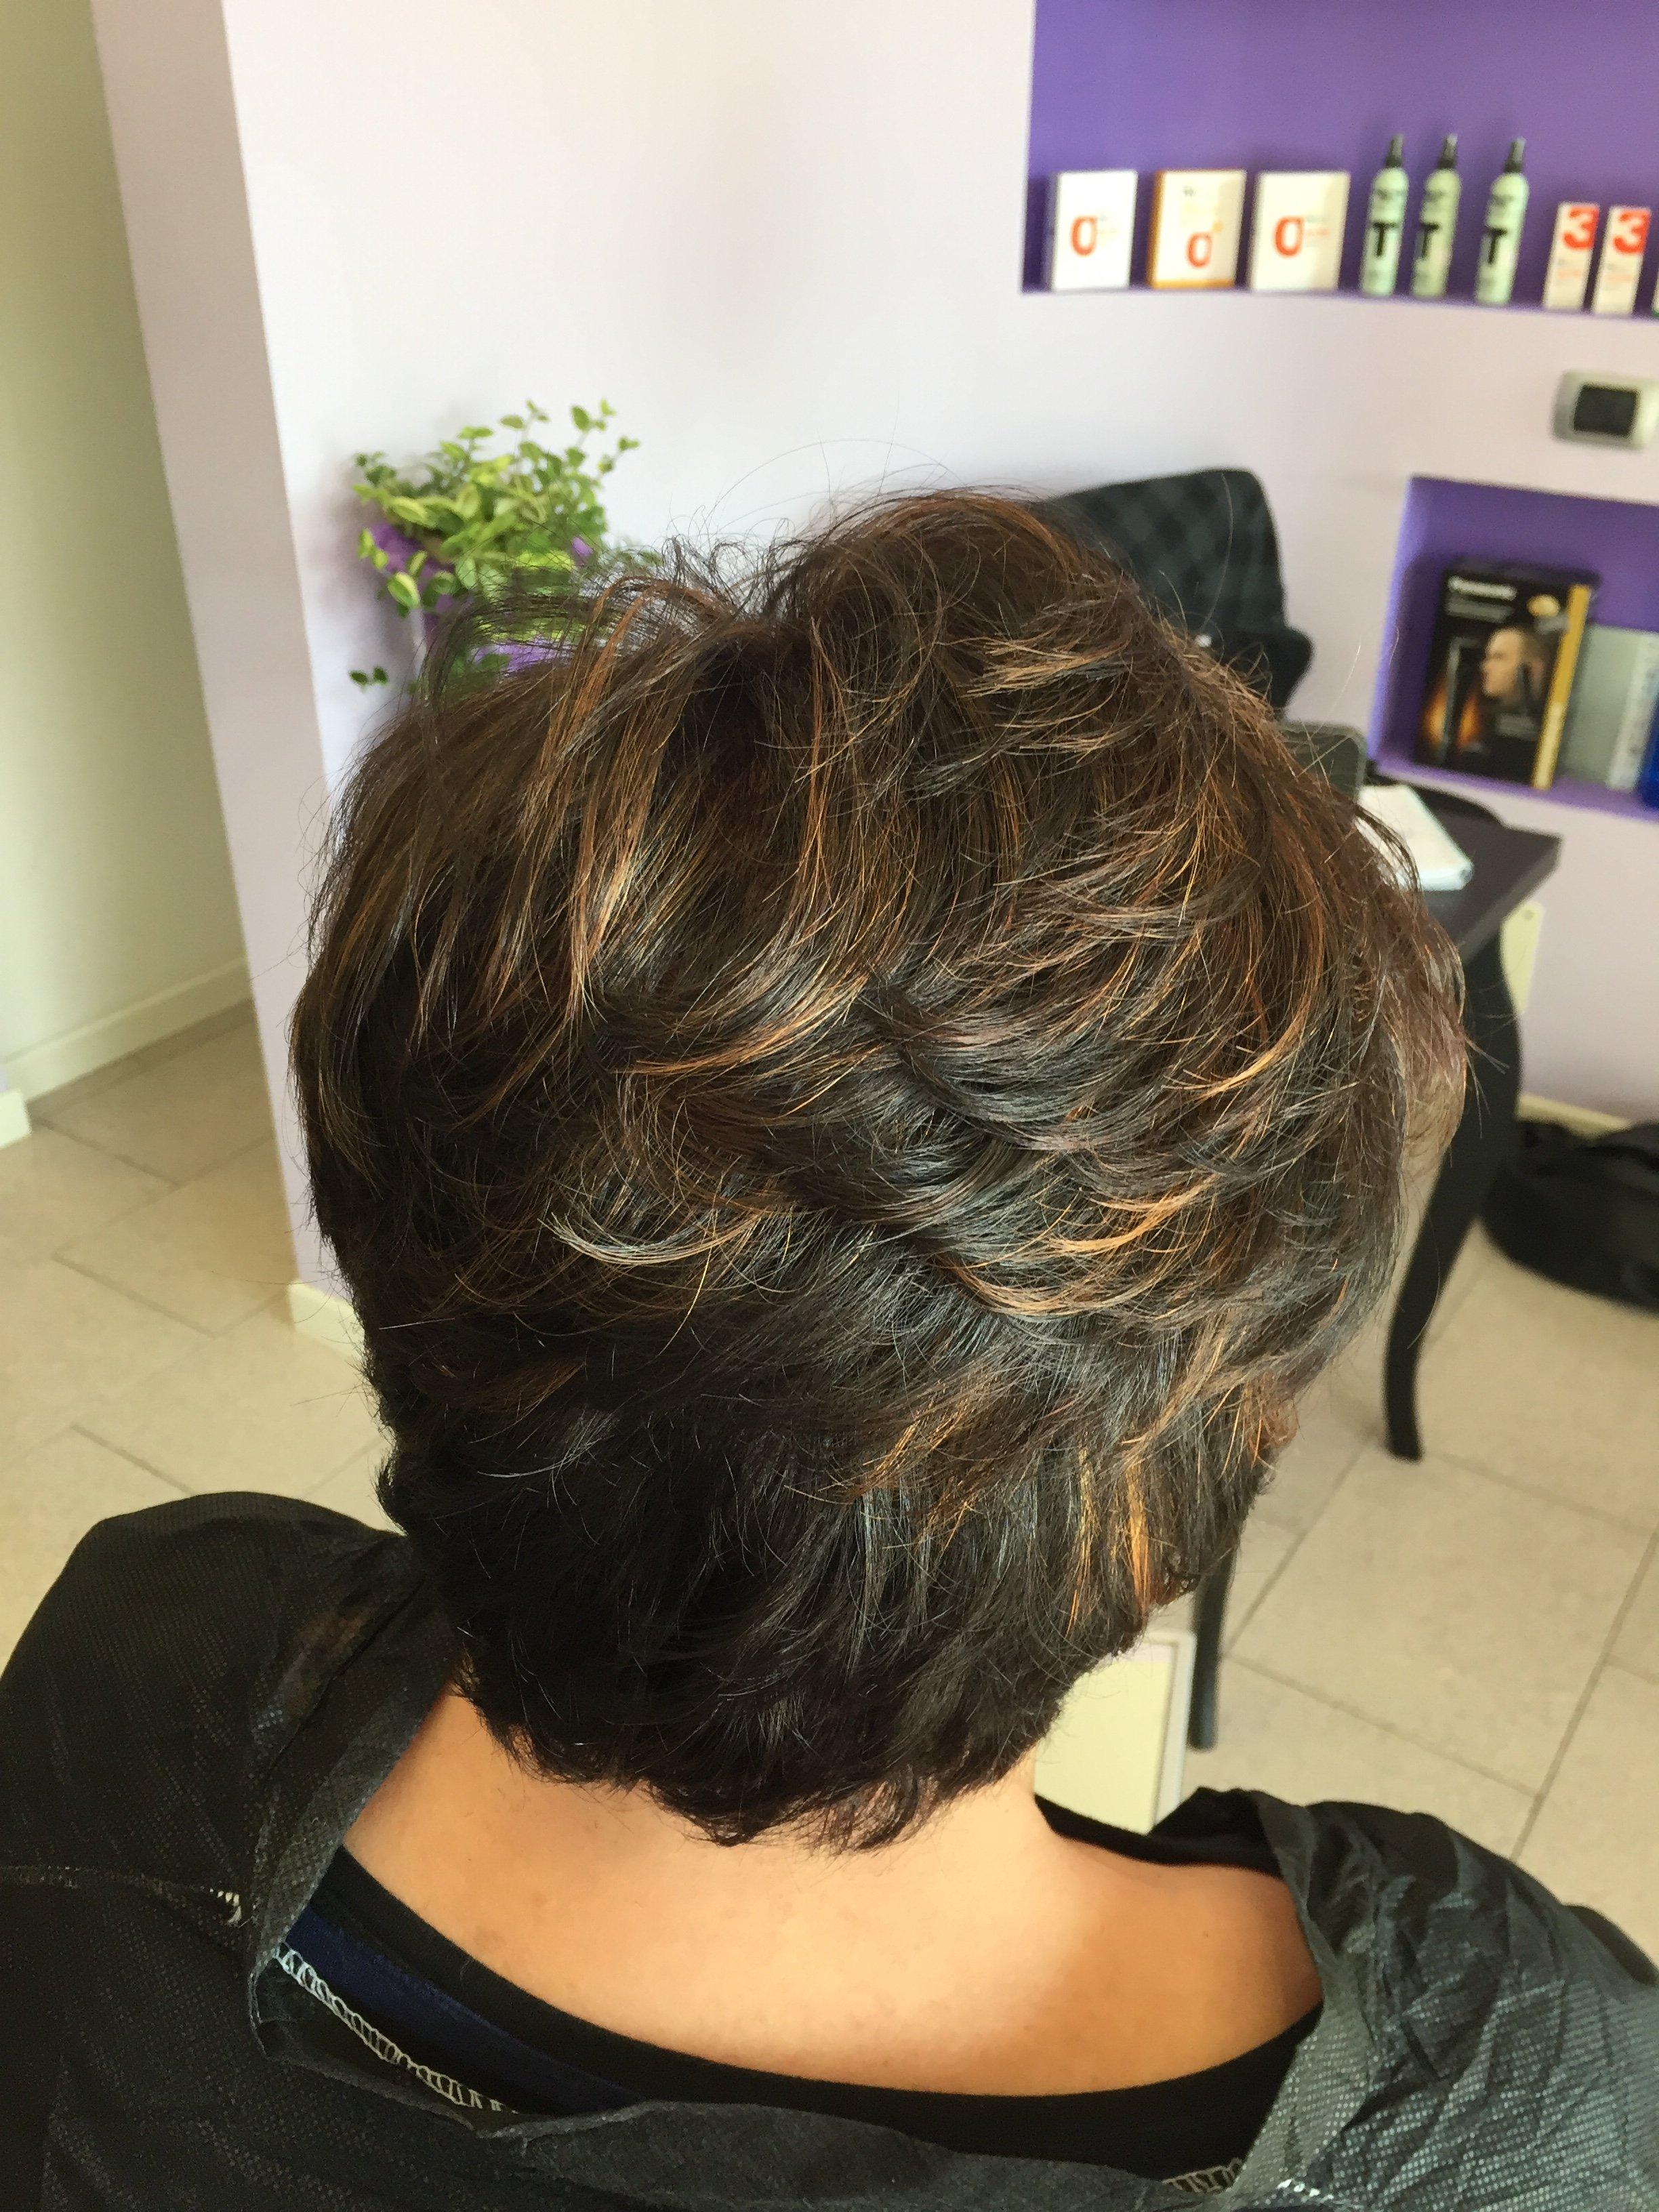 una signora con capelli castani scuri corti